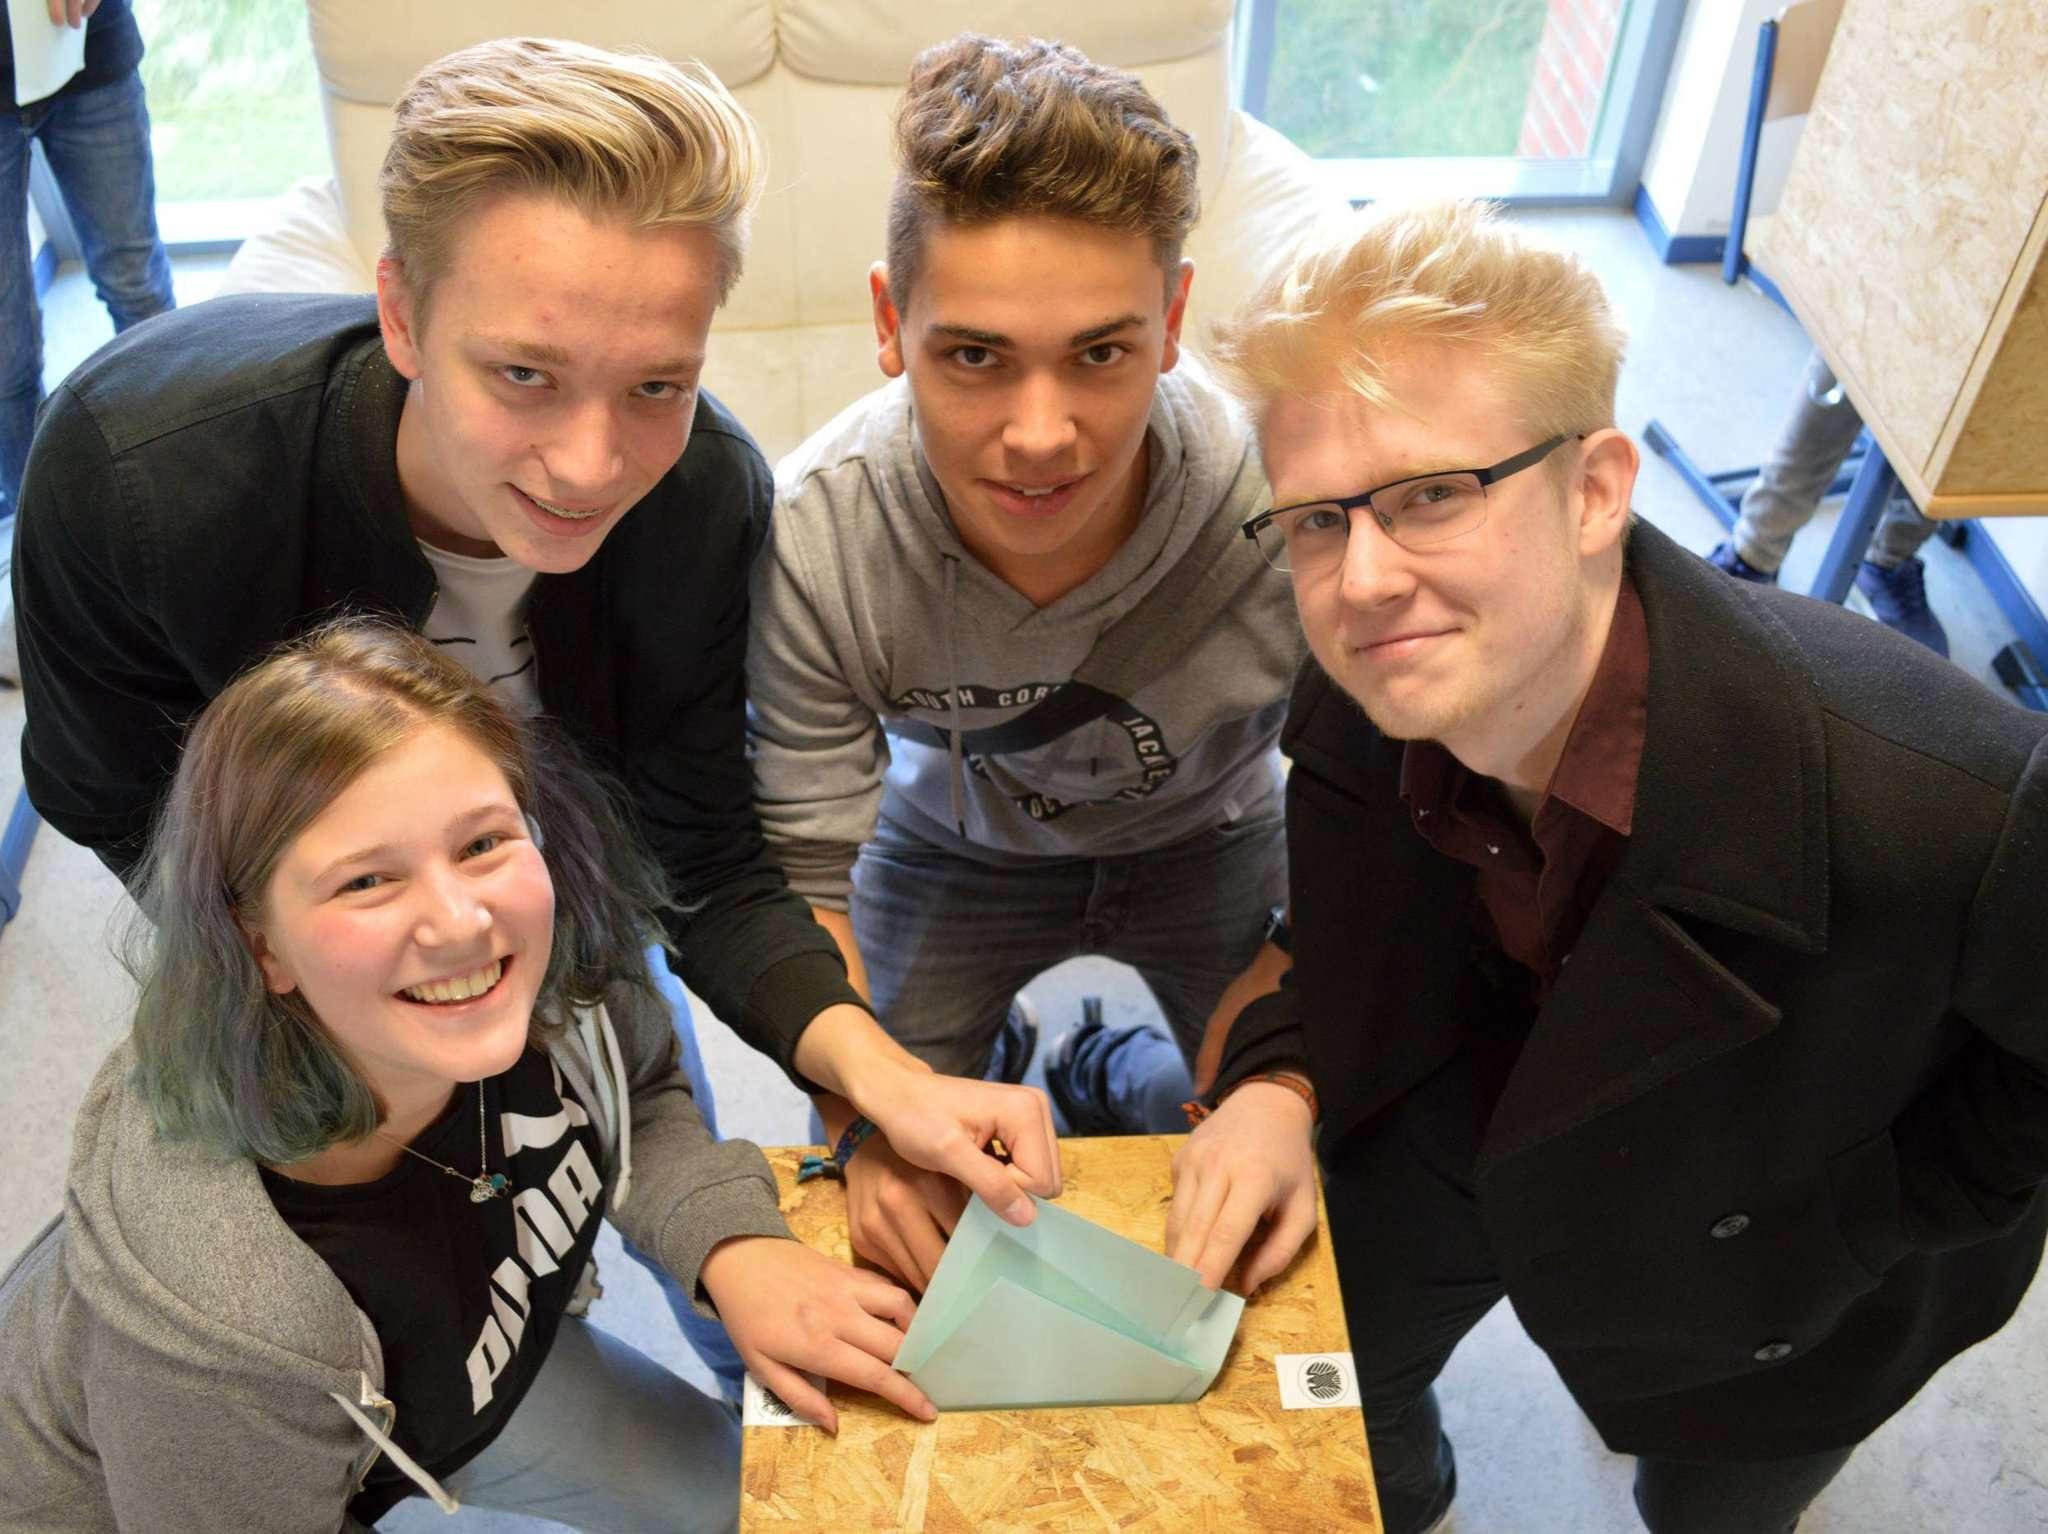 Der Stimmzettel kommt in die Urne: Nur die Spitze des Eisbergs dessen, was die Schüler des Gymnasiums im Rahmen des Projekts